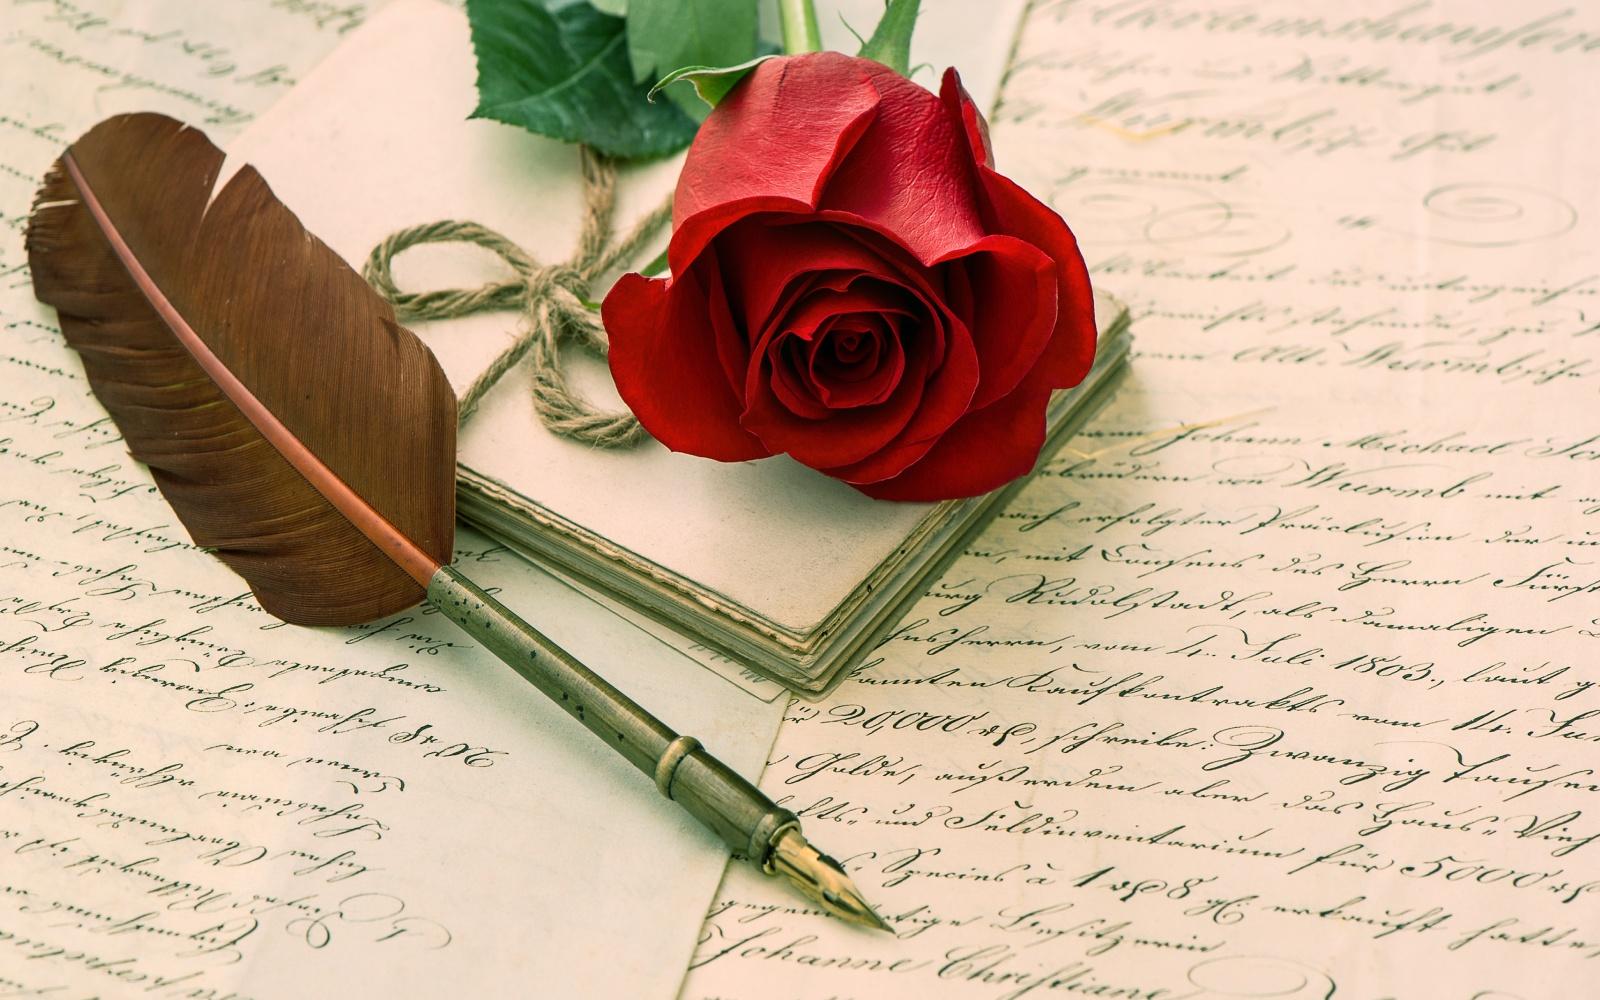 Mitos y leyendas sobre las rosas